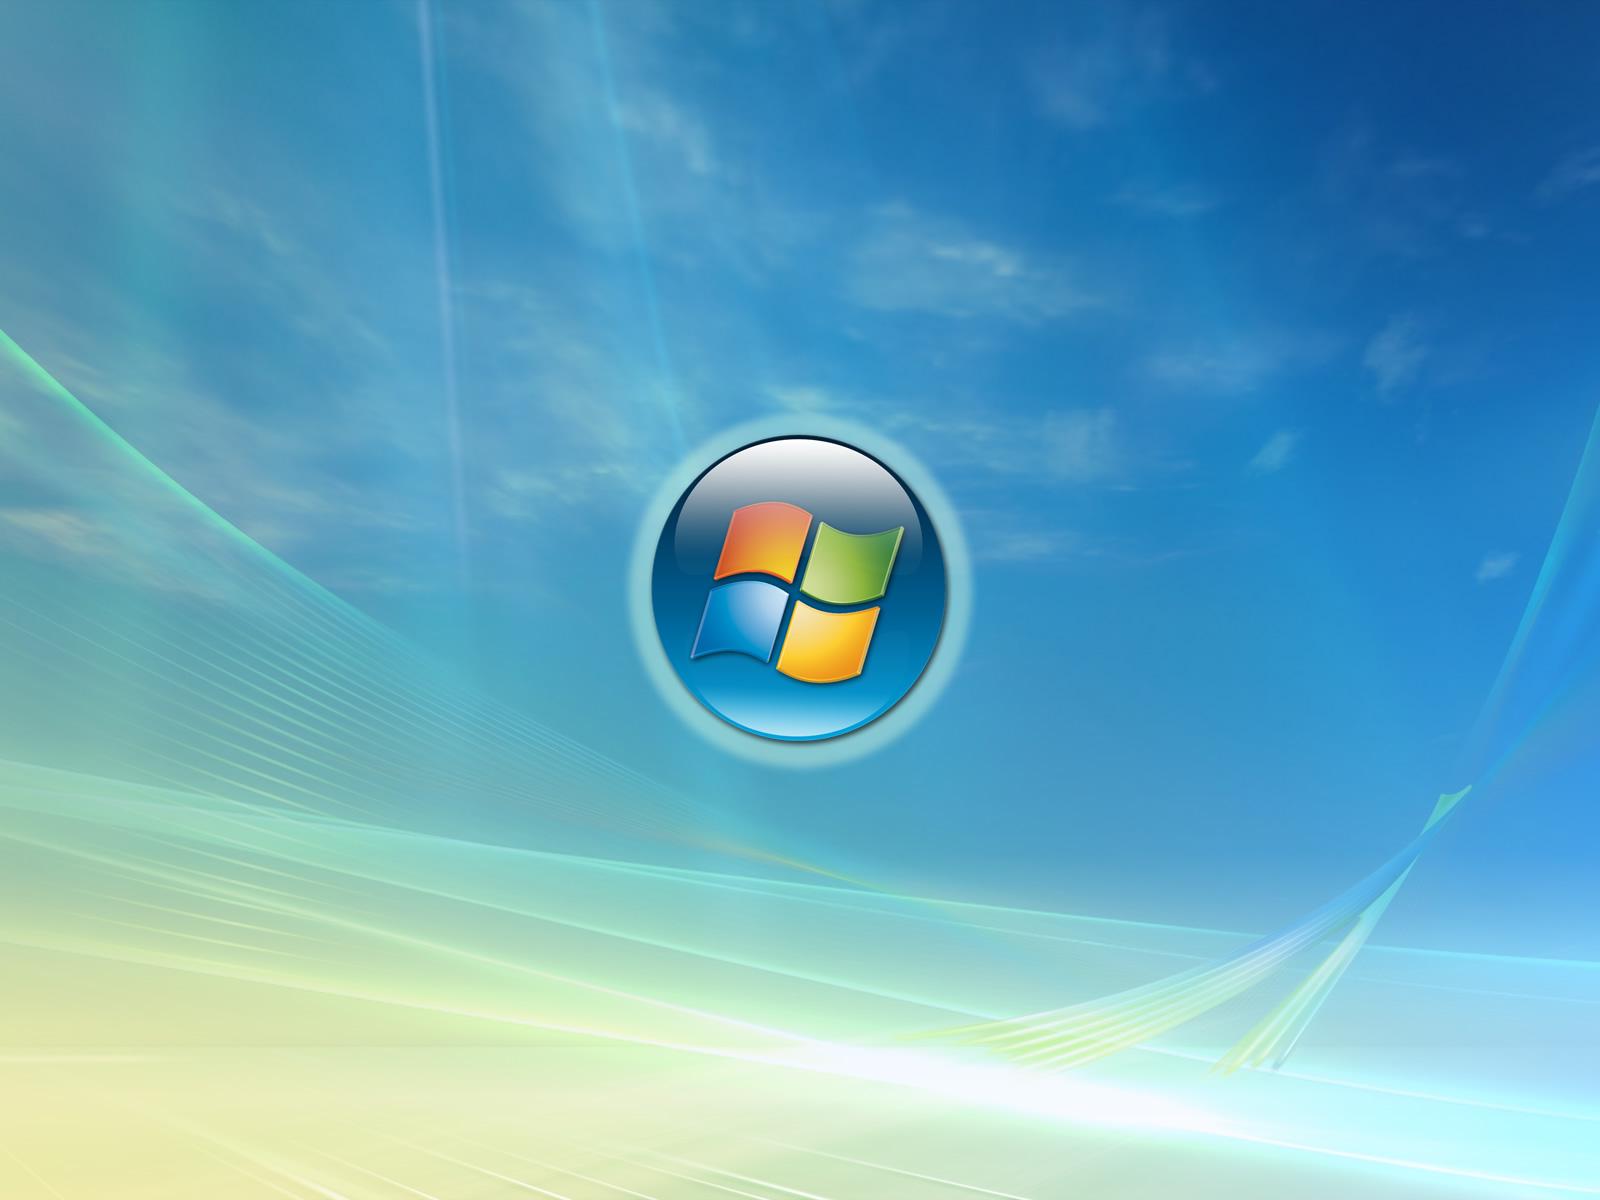 http://2.bp.blogspot.com/-tzSSVaMa5AA/UEW59_JTihI/AAAAAAAAA8E/B9zx0sUDI0A/s1600/Vista+Wallpaper++2012-2013+04.jpg